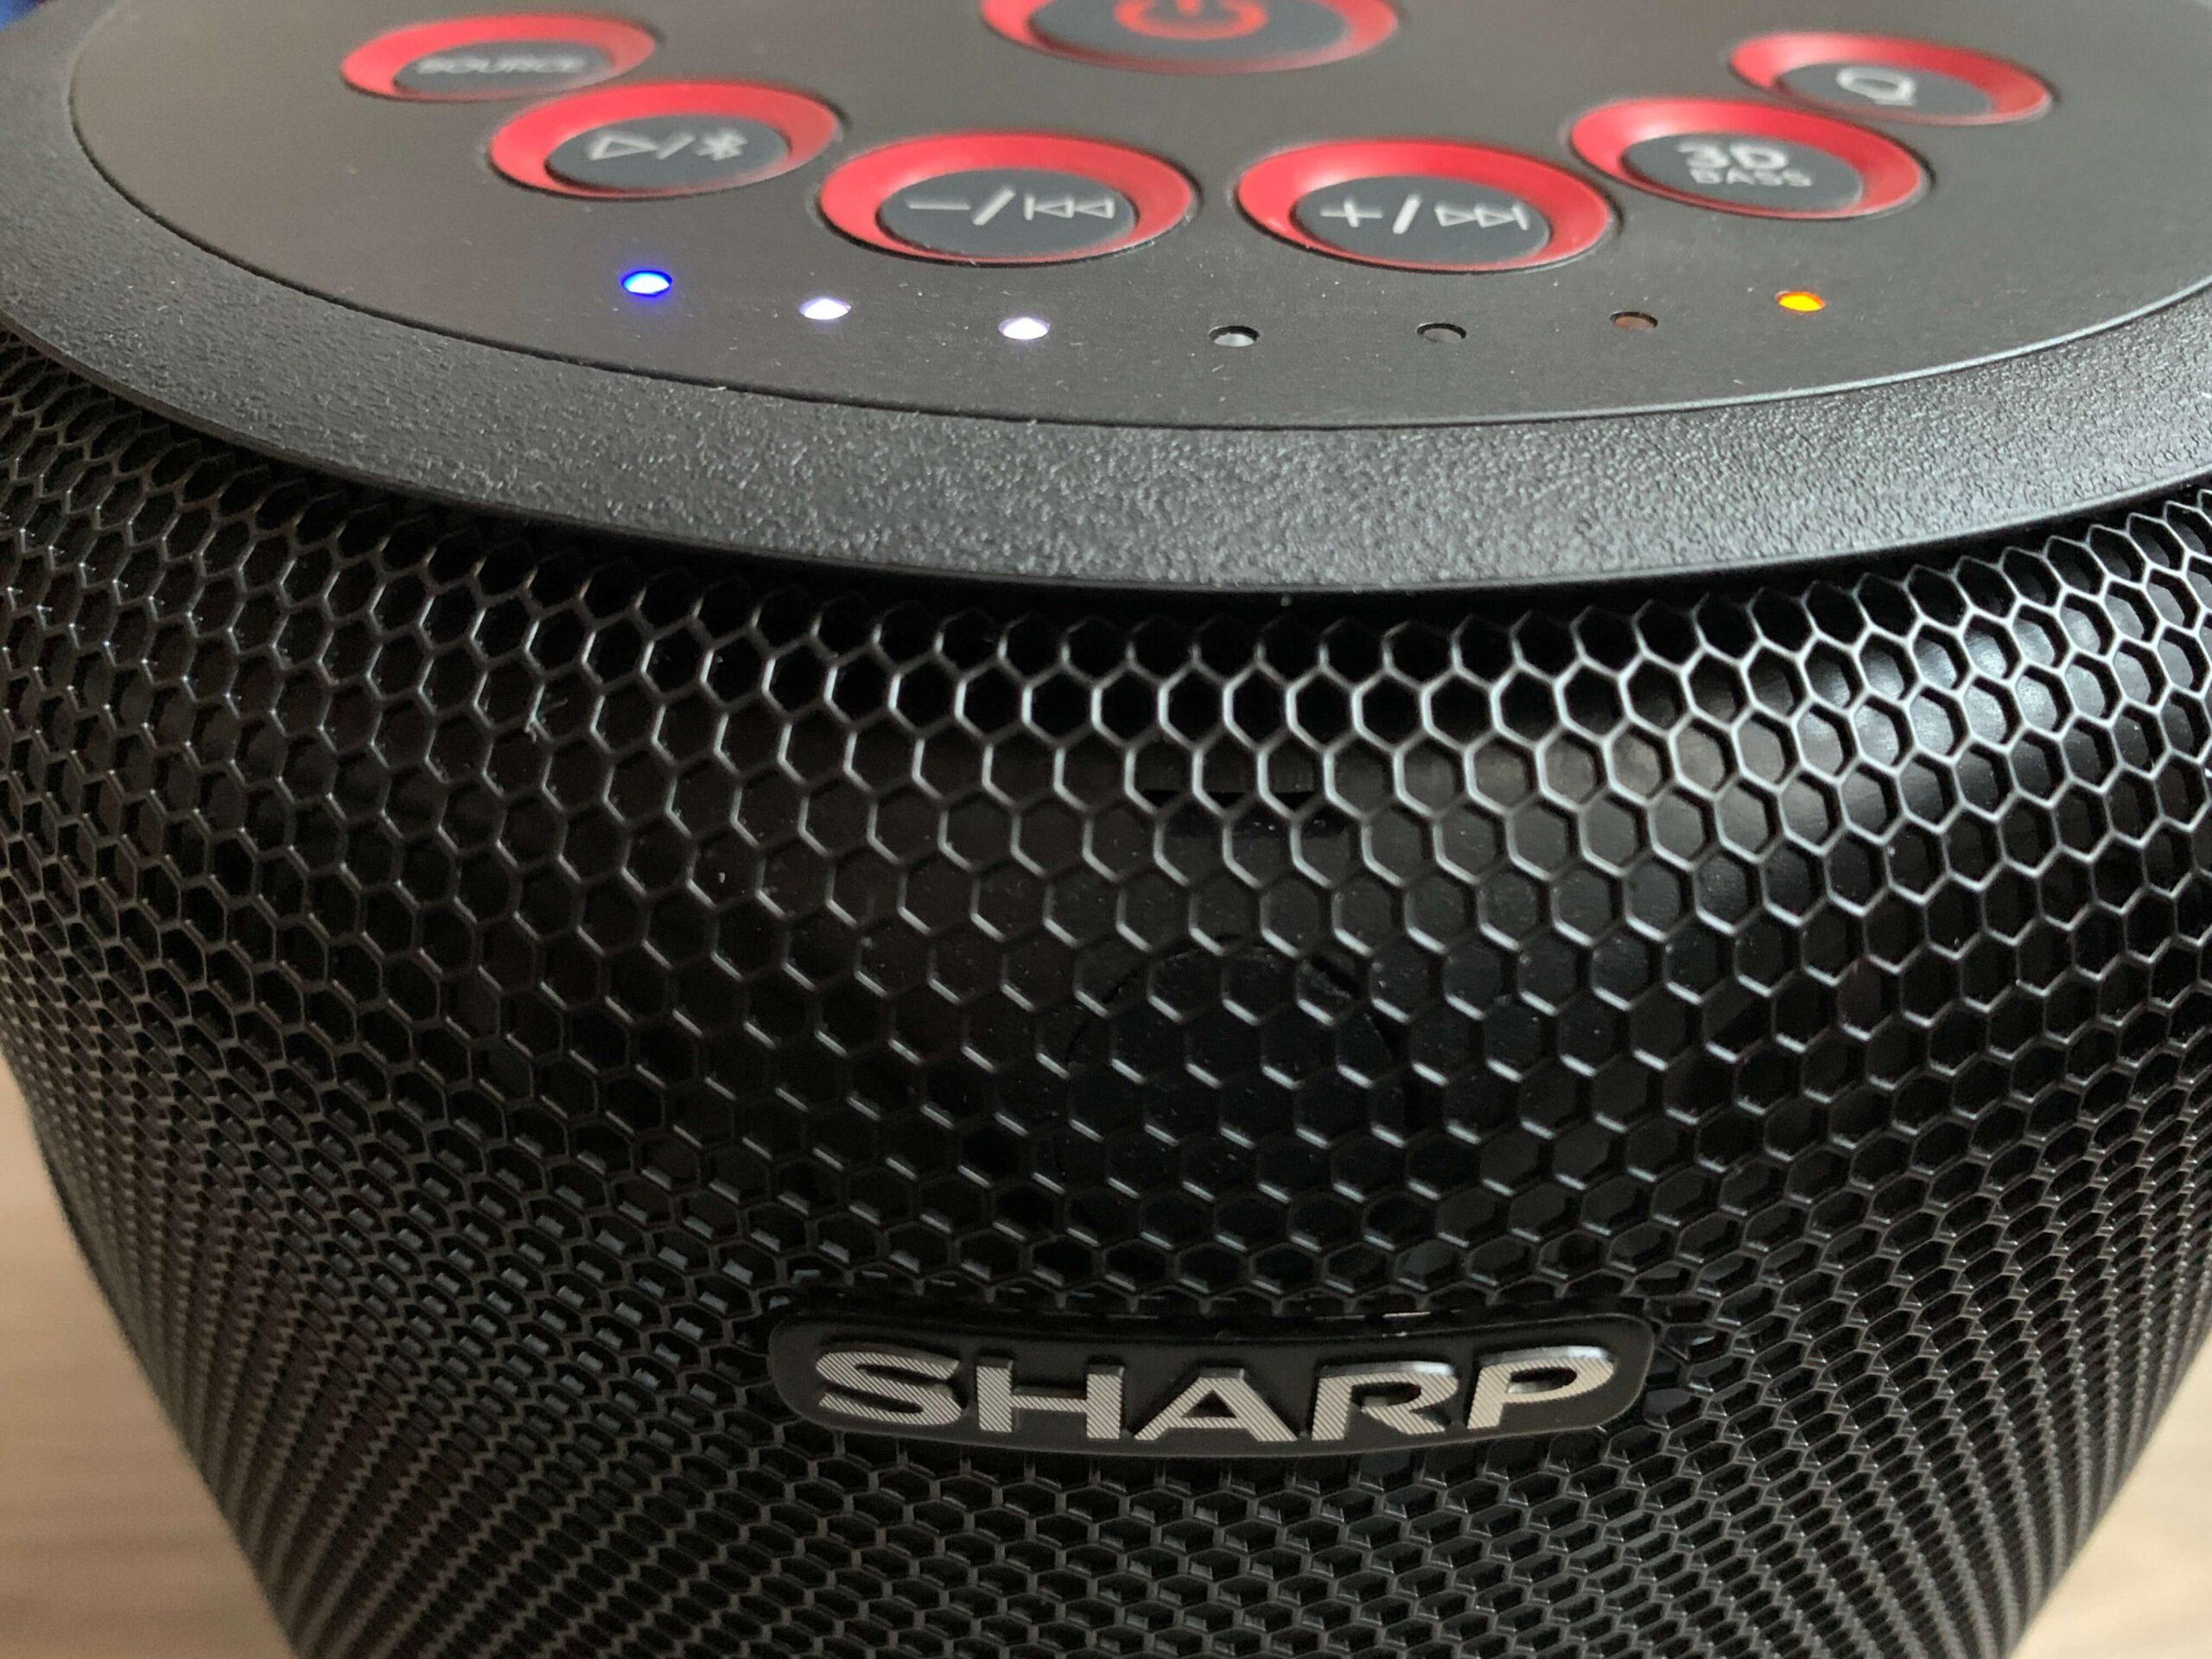 Sharp PS-919 to głośnik wykonany całkiem dobrze